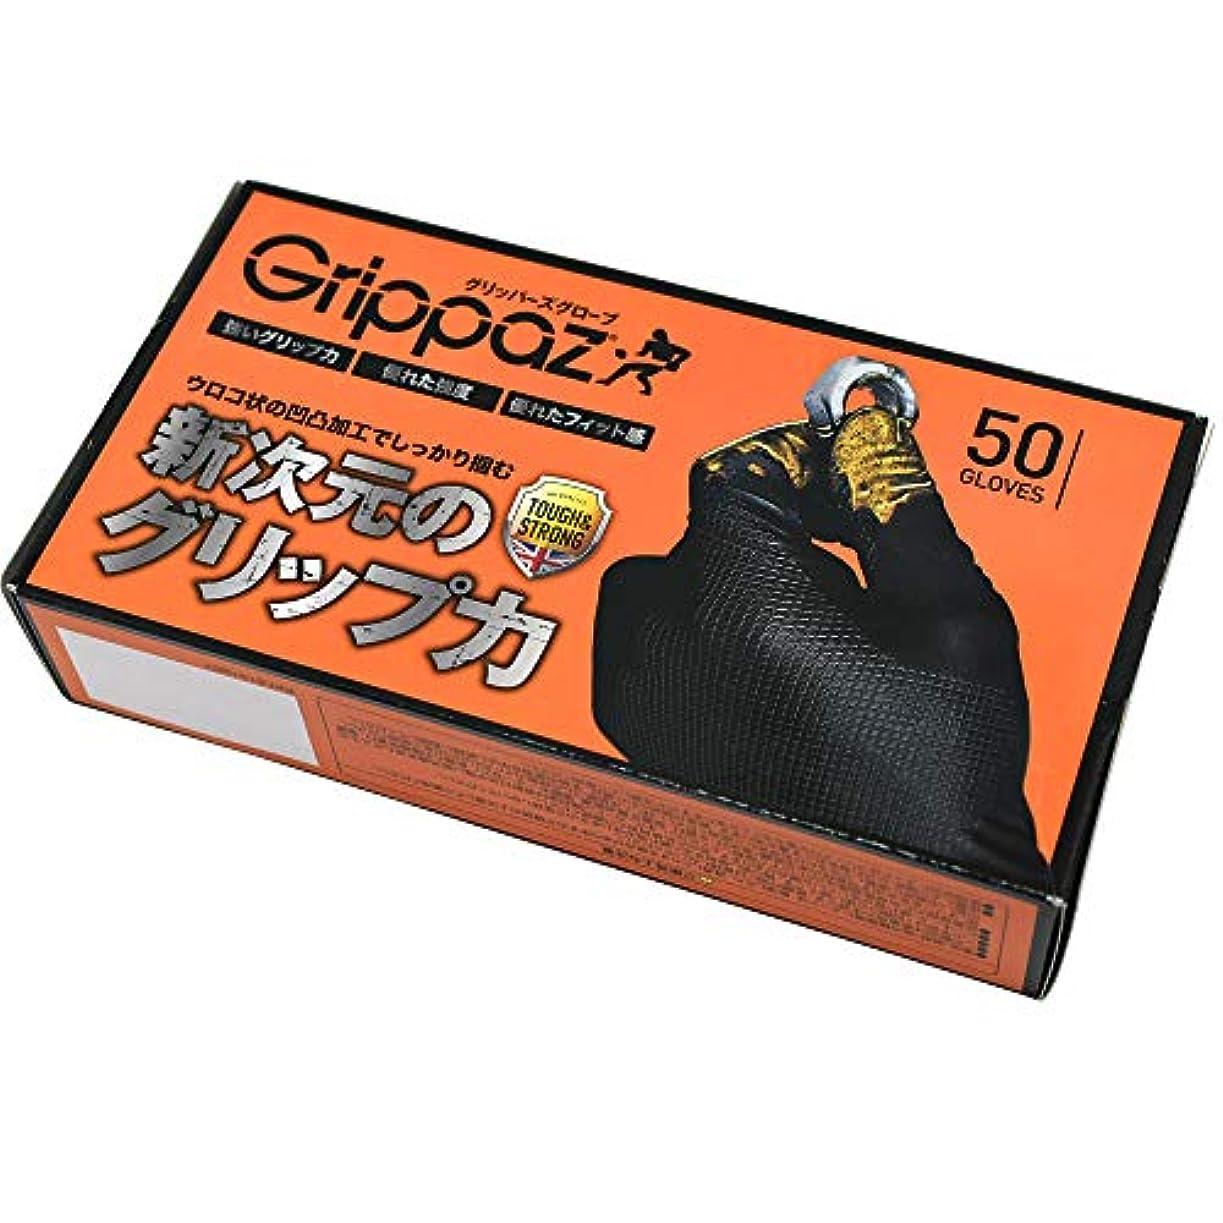 男毒液アマゾンジャングル原田産業 ニトリル手袋 グリッパーズグローブ 50枚入 XLサイズ パウダーフリー 左右兼用 自動車整備 メンテナンス